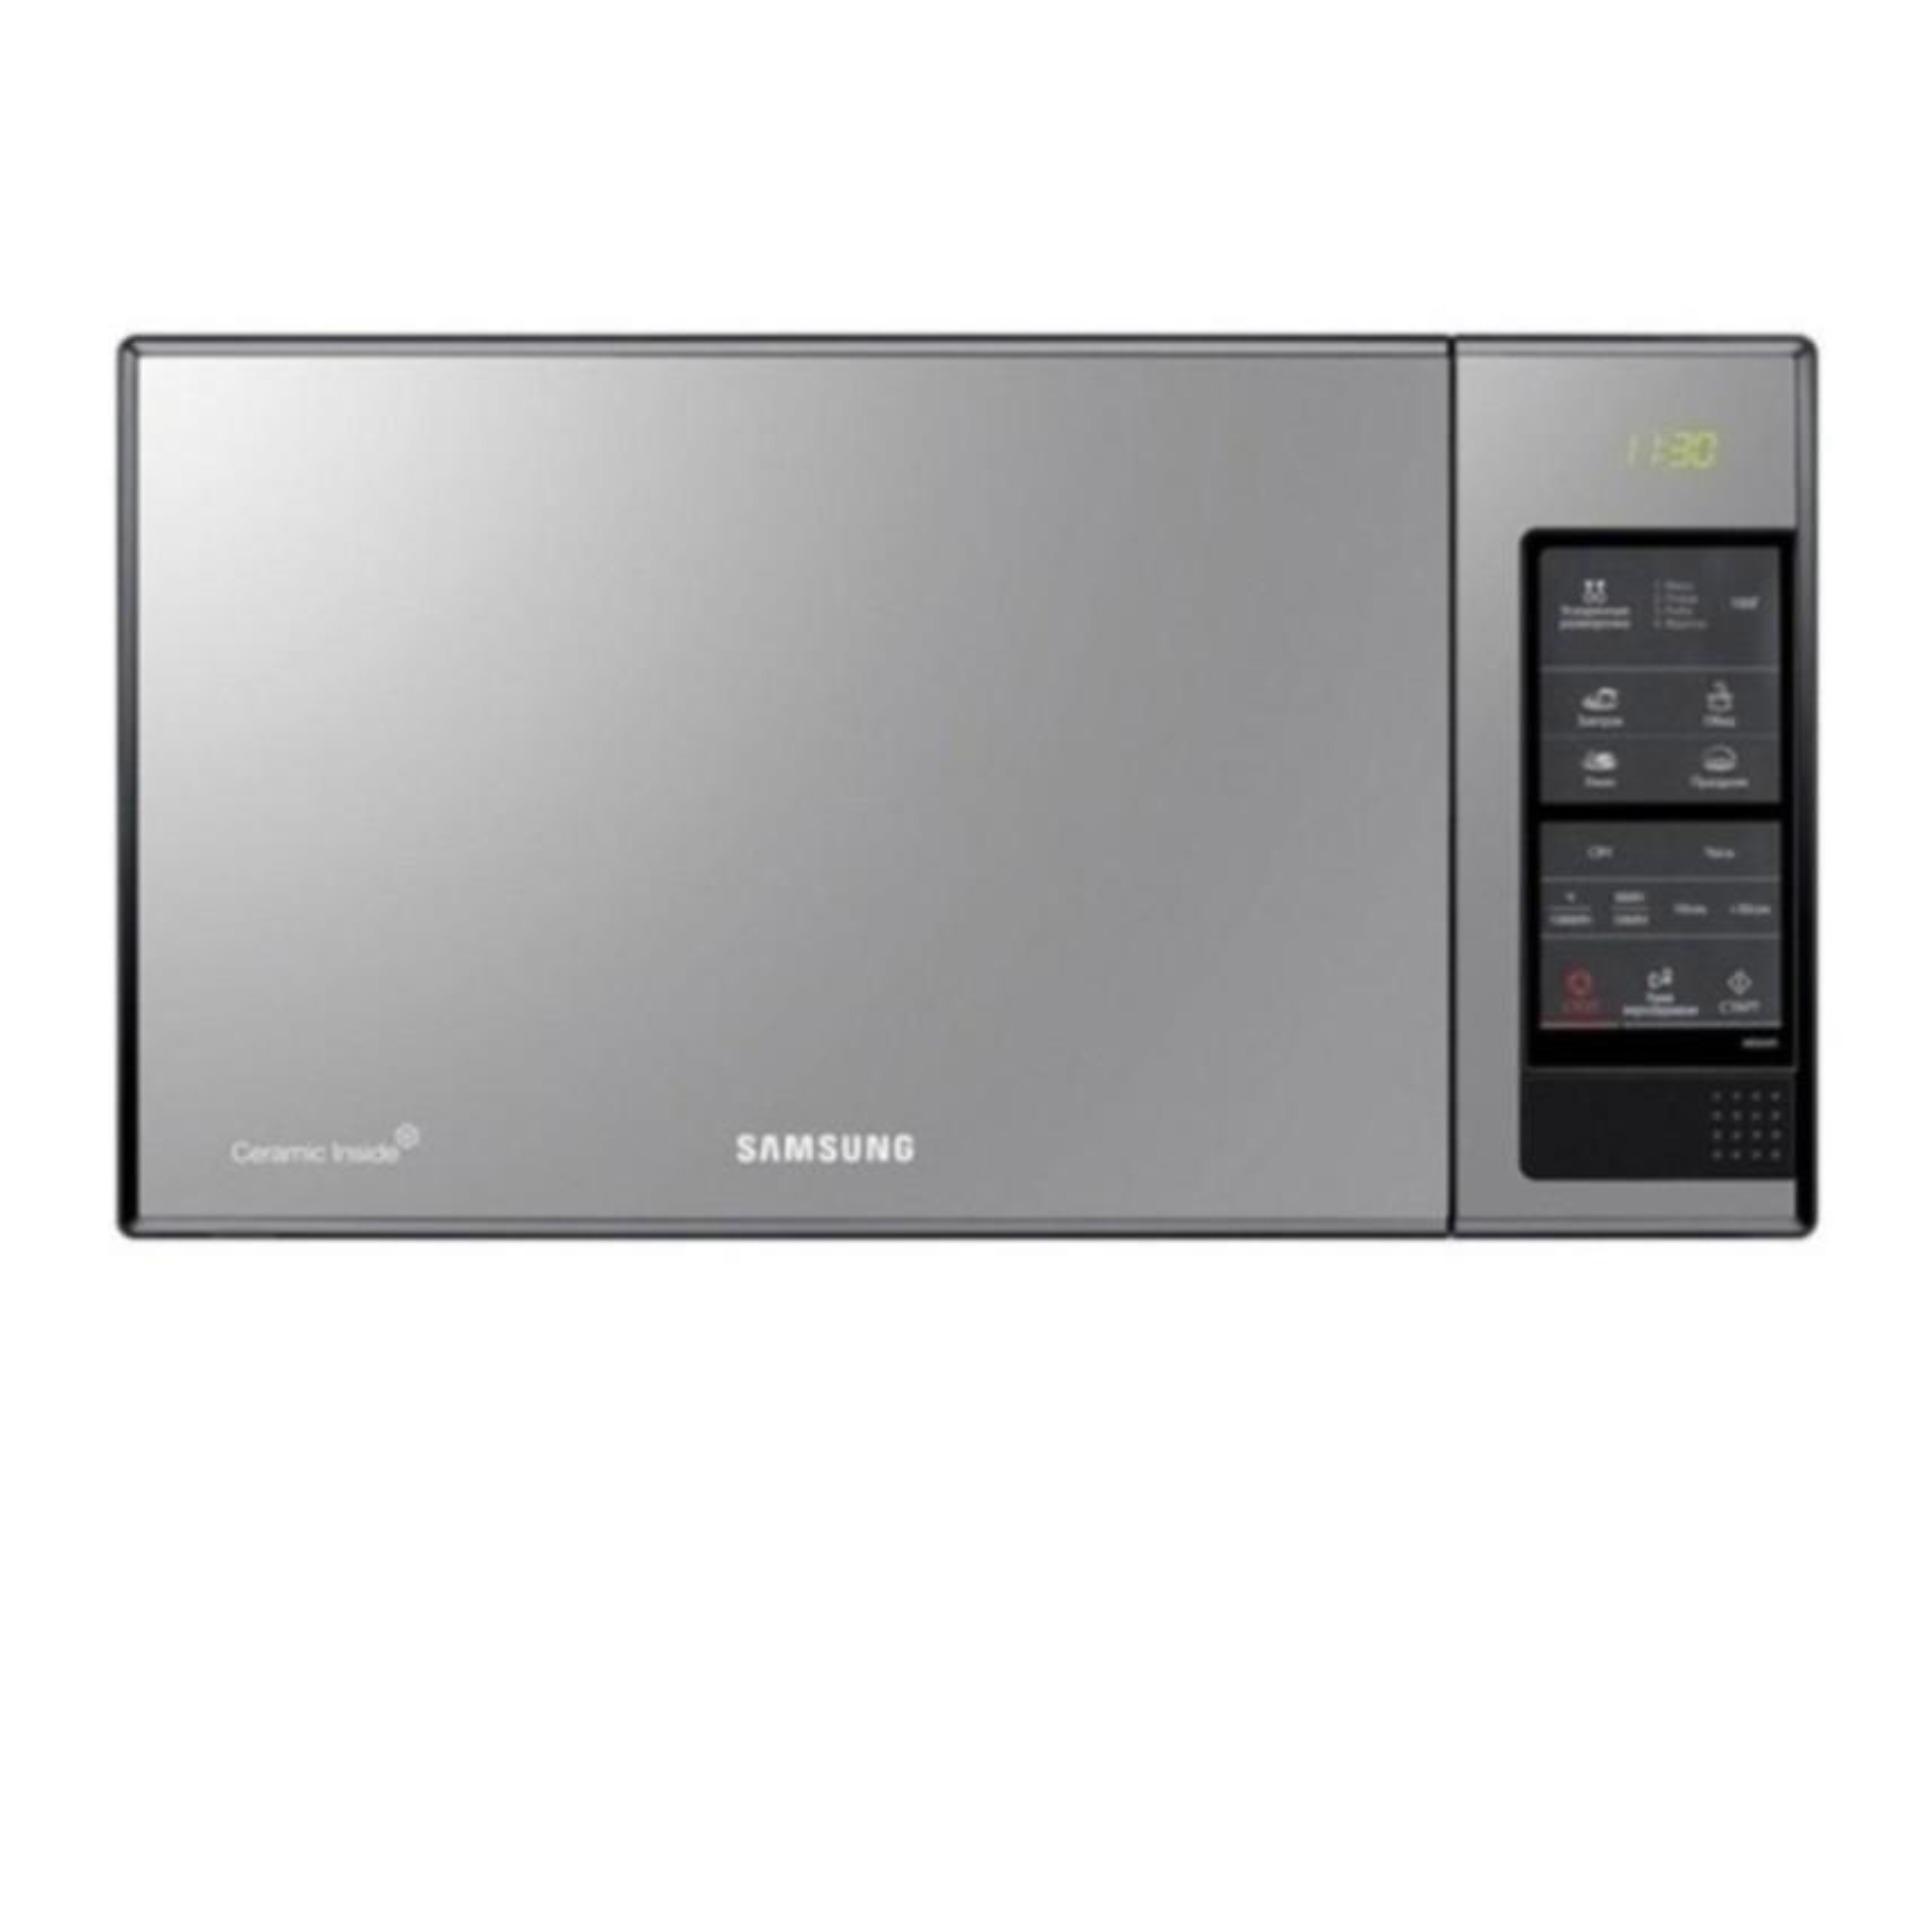 Lò Vi Sóng Tráng Men Samsung Me83x/xsv 23 Lít By Lazada Retail Samsung.